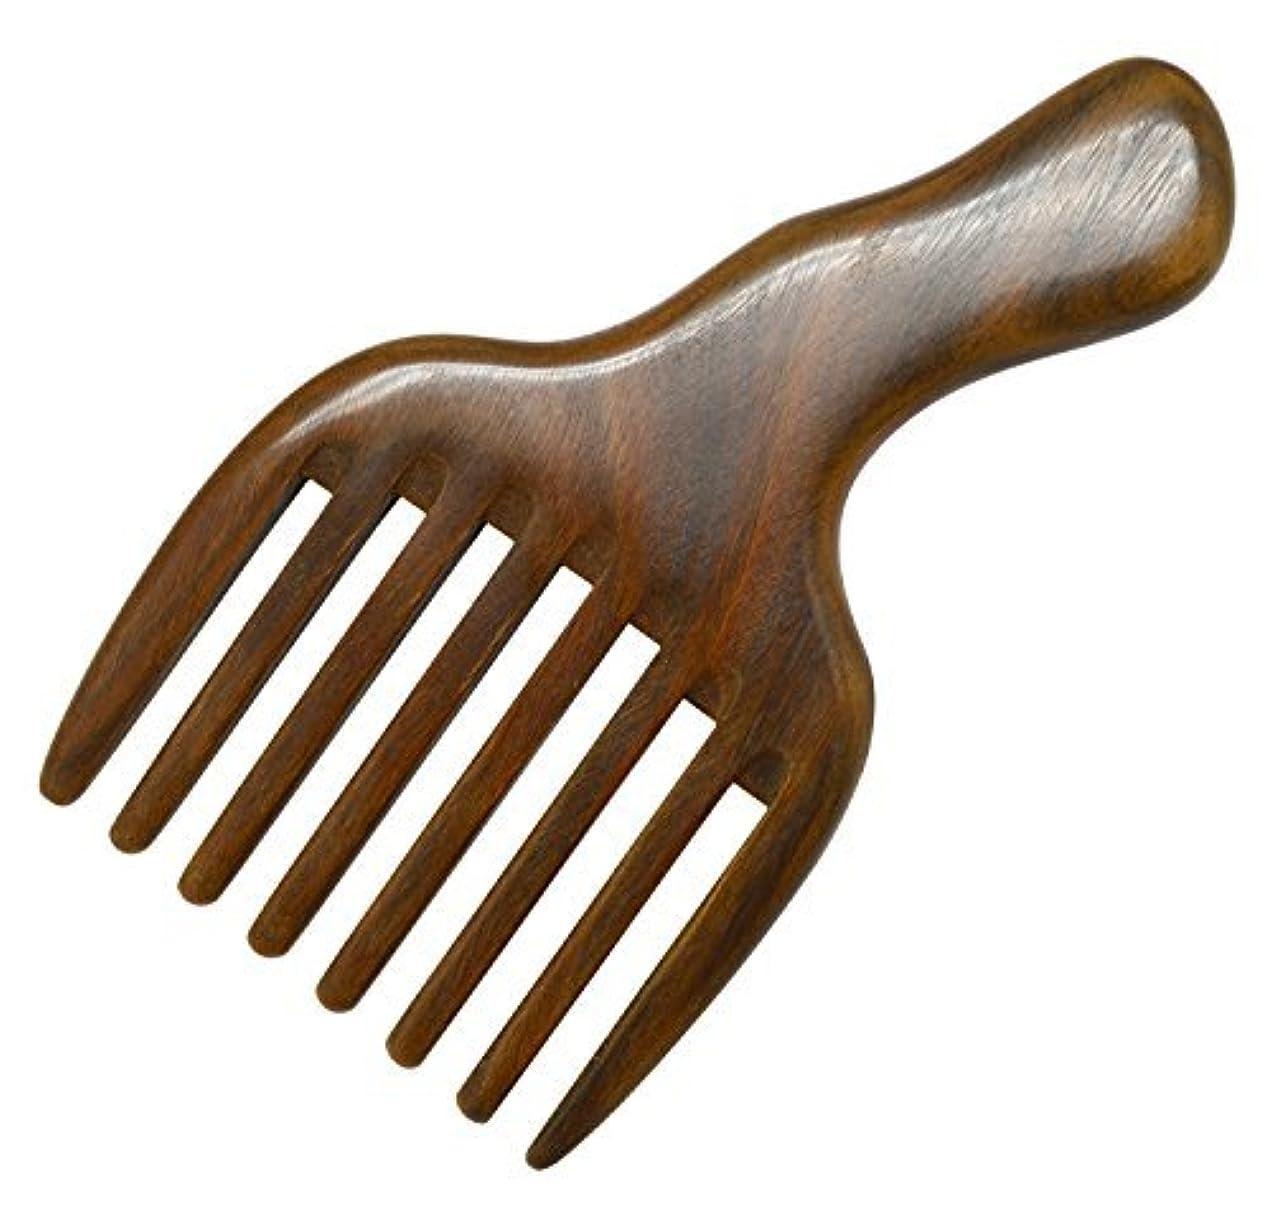 治療状態エゴマニアMeta-C Hair/Beard Pick/Comb ? Made Of One Whole Piece Of Natural Green Sandal Wood With Fantastic Handle (Wide...